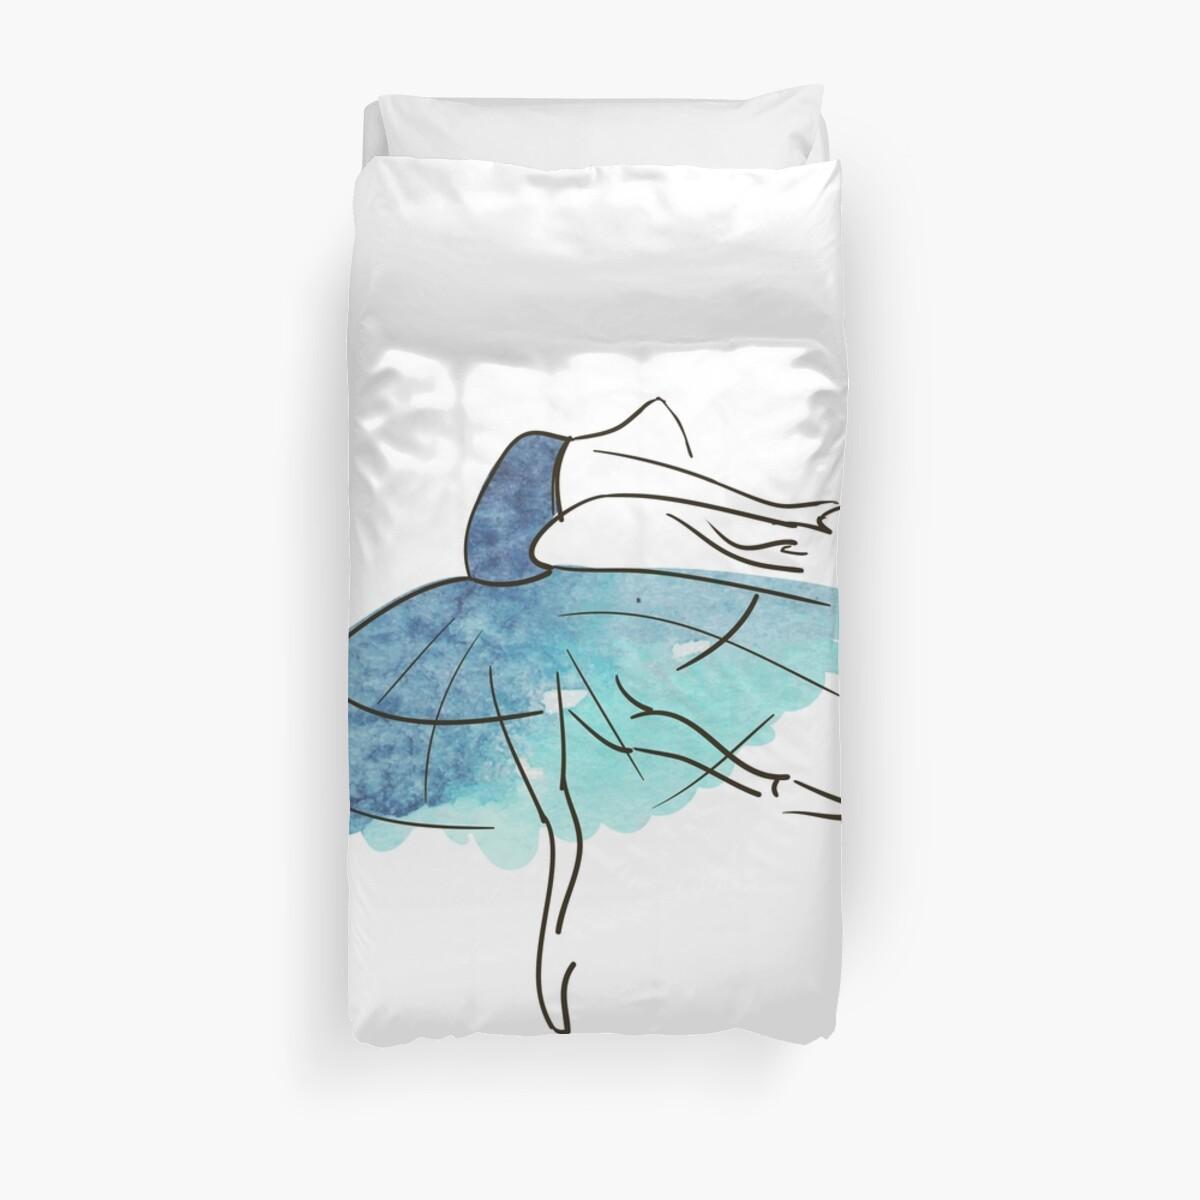 ballerina figure, watercolor by OlgaBerlet